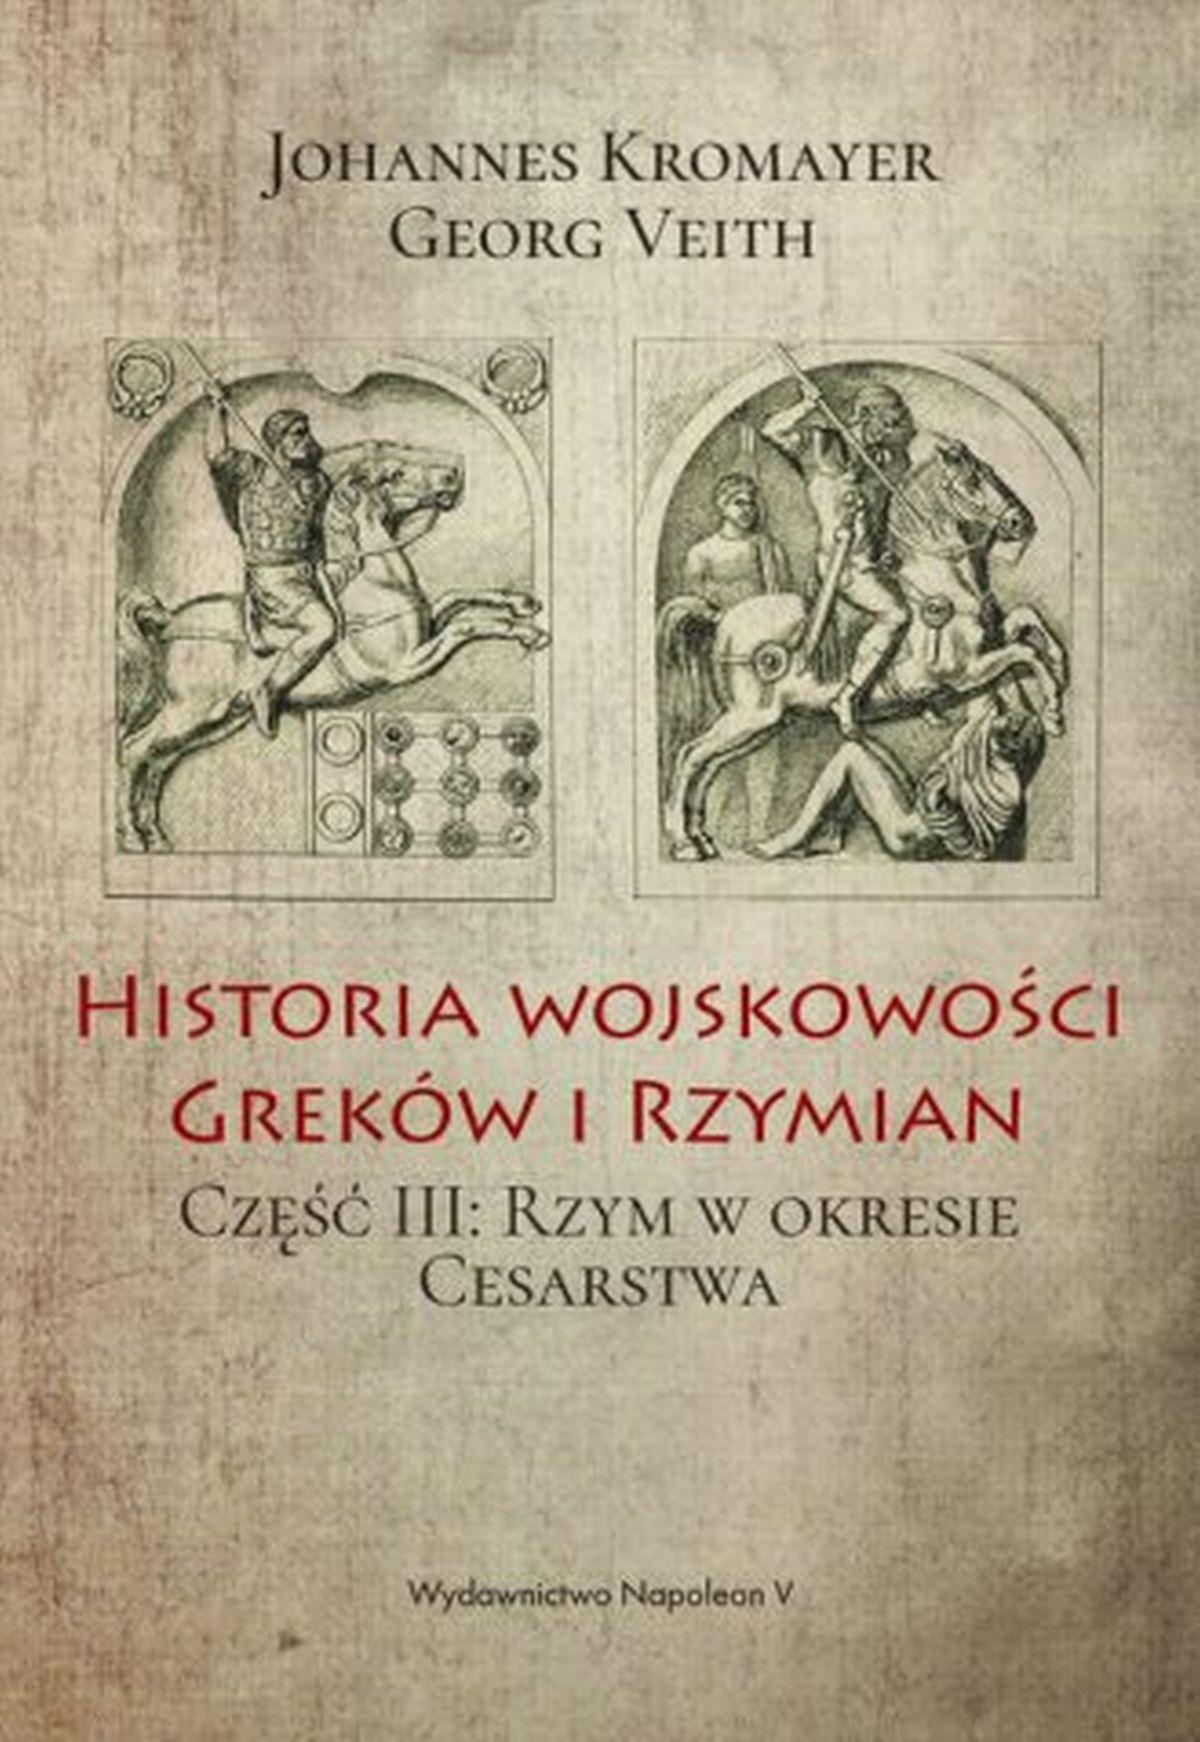 Johannes Kromayer, Georg Veith, Historia wojskowości Greków i Rzymian cz. 3. Rzym w okresie Cesarstwa